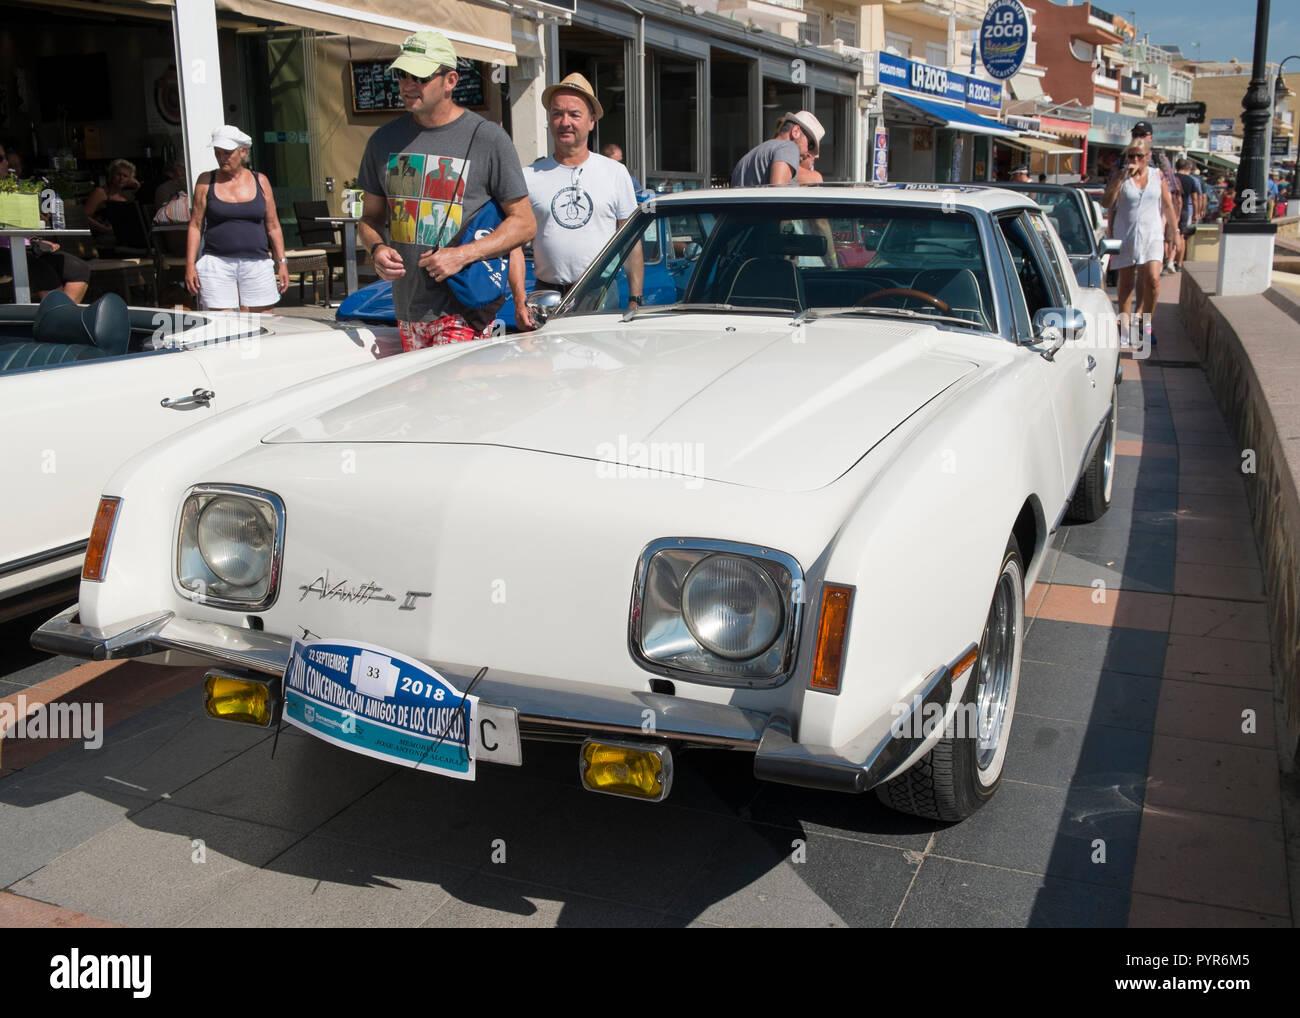 El Avanti II. Reunión de coches clásicos en Torremolinos, Málaga, España. Foto de stock